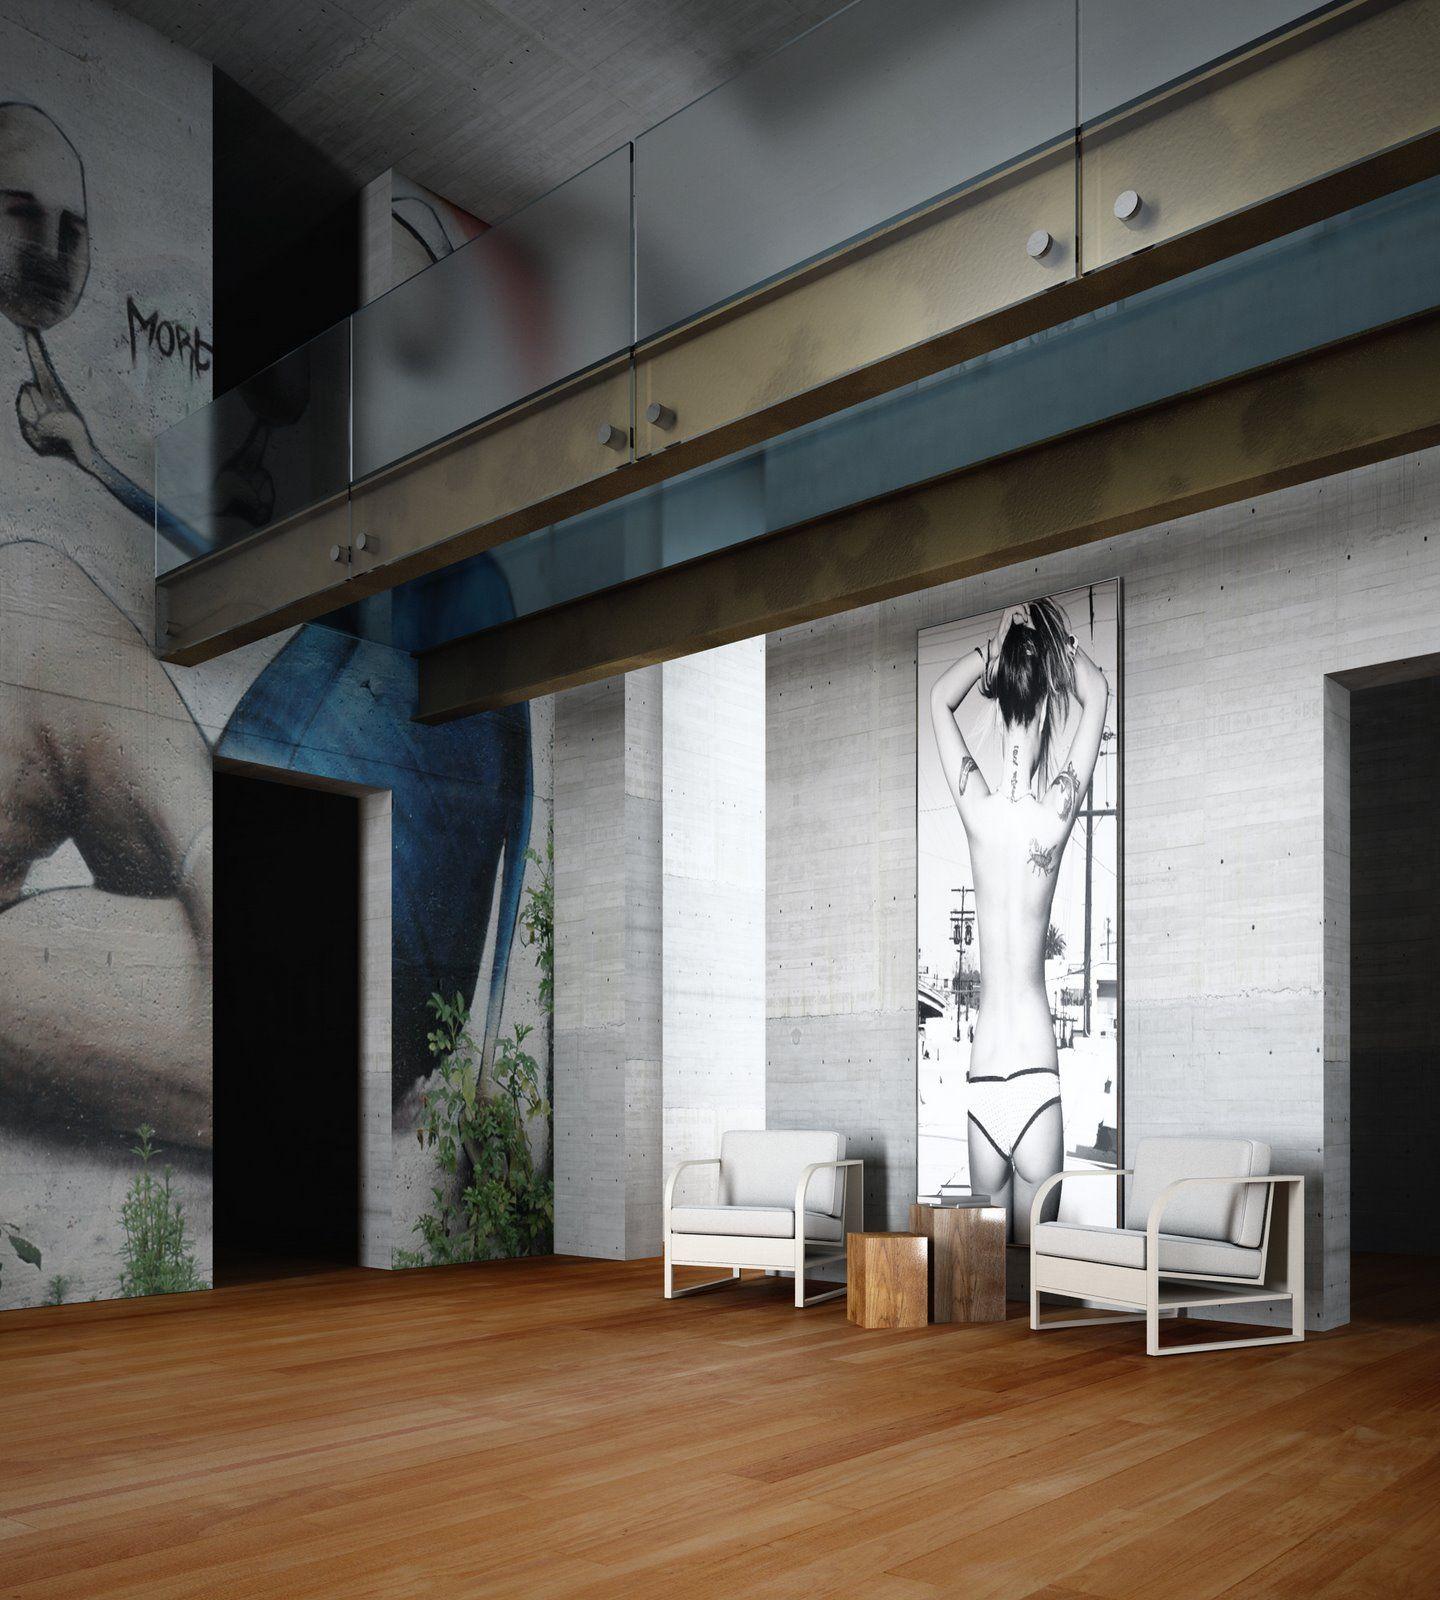 casa ggg, méxico df. Alberto Kalach Architecture Lofts